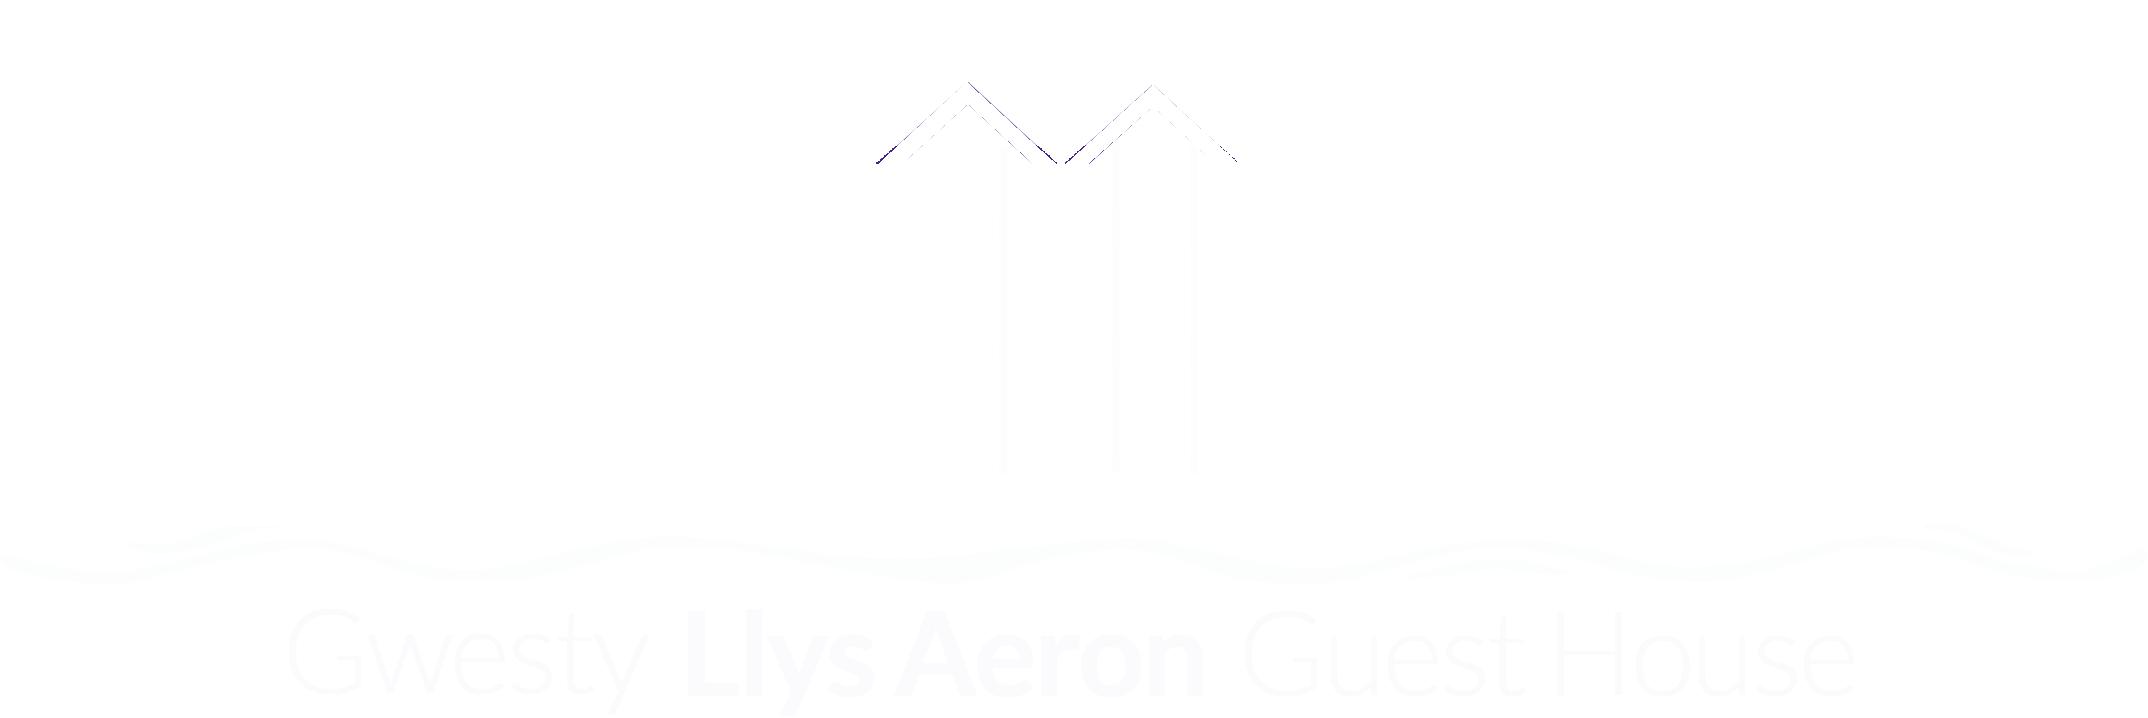 Llys Aeron